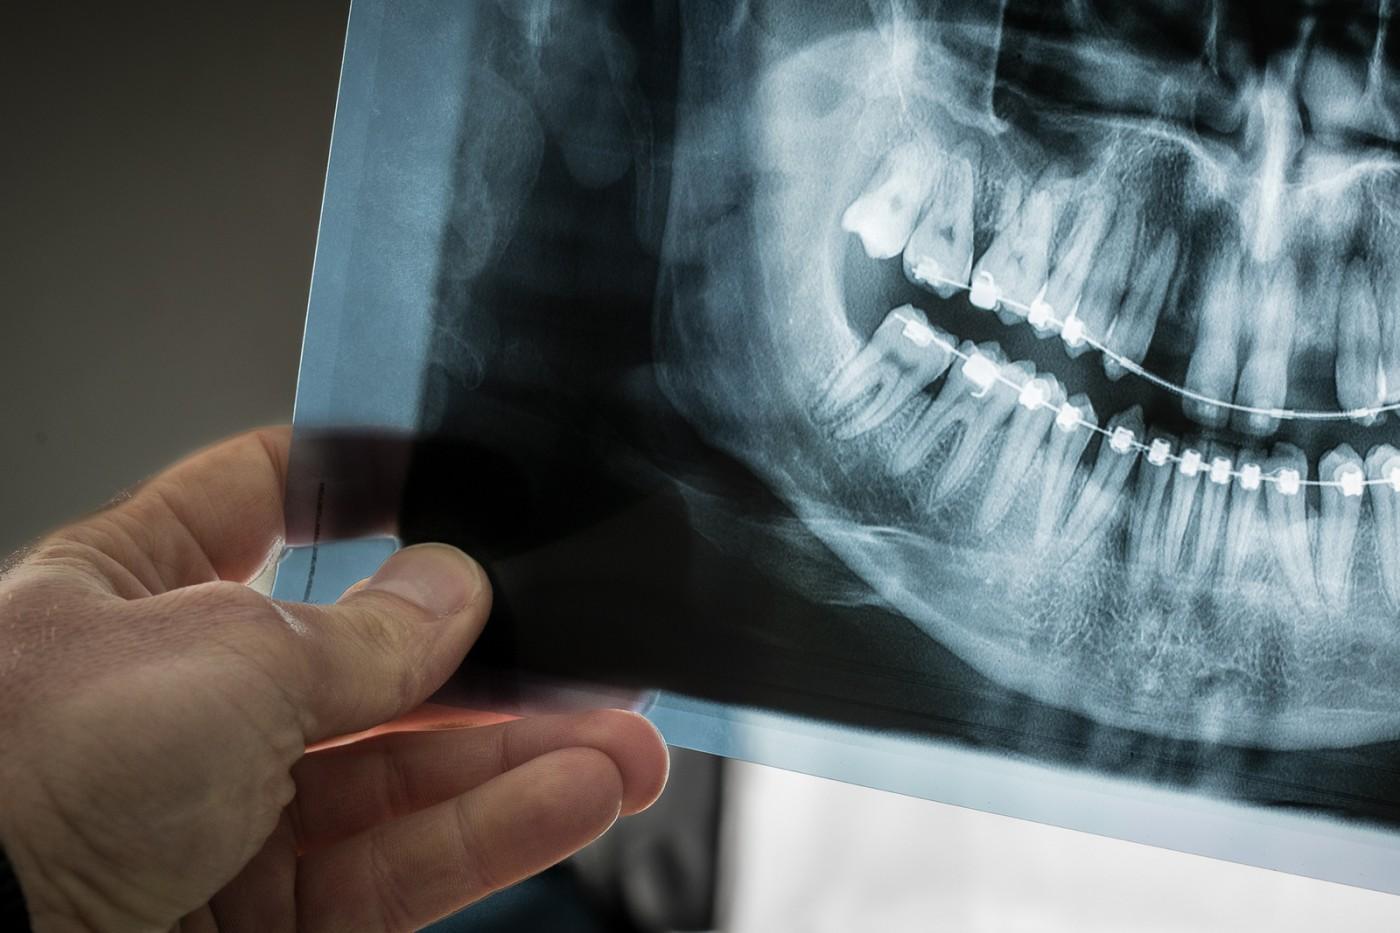 De ce sunt radiografiile necesare medicului ortodont?